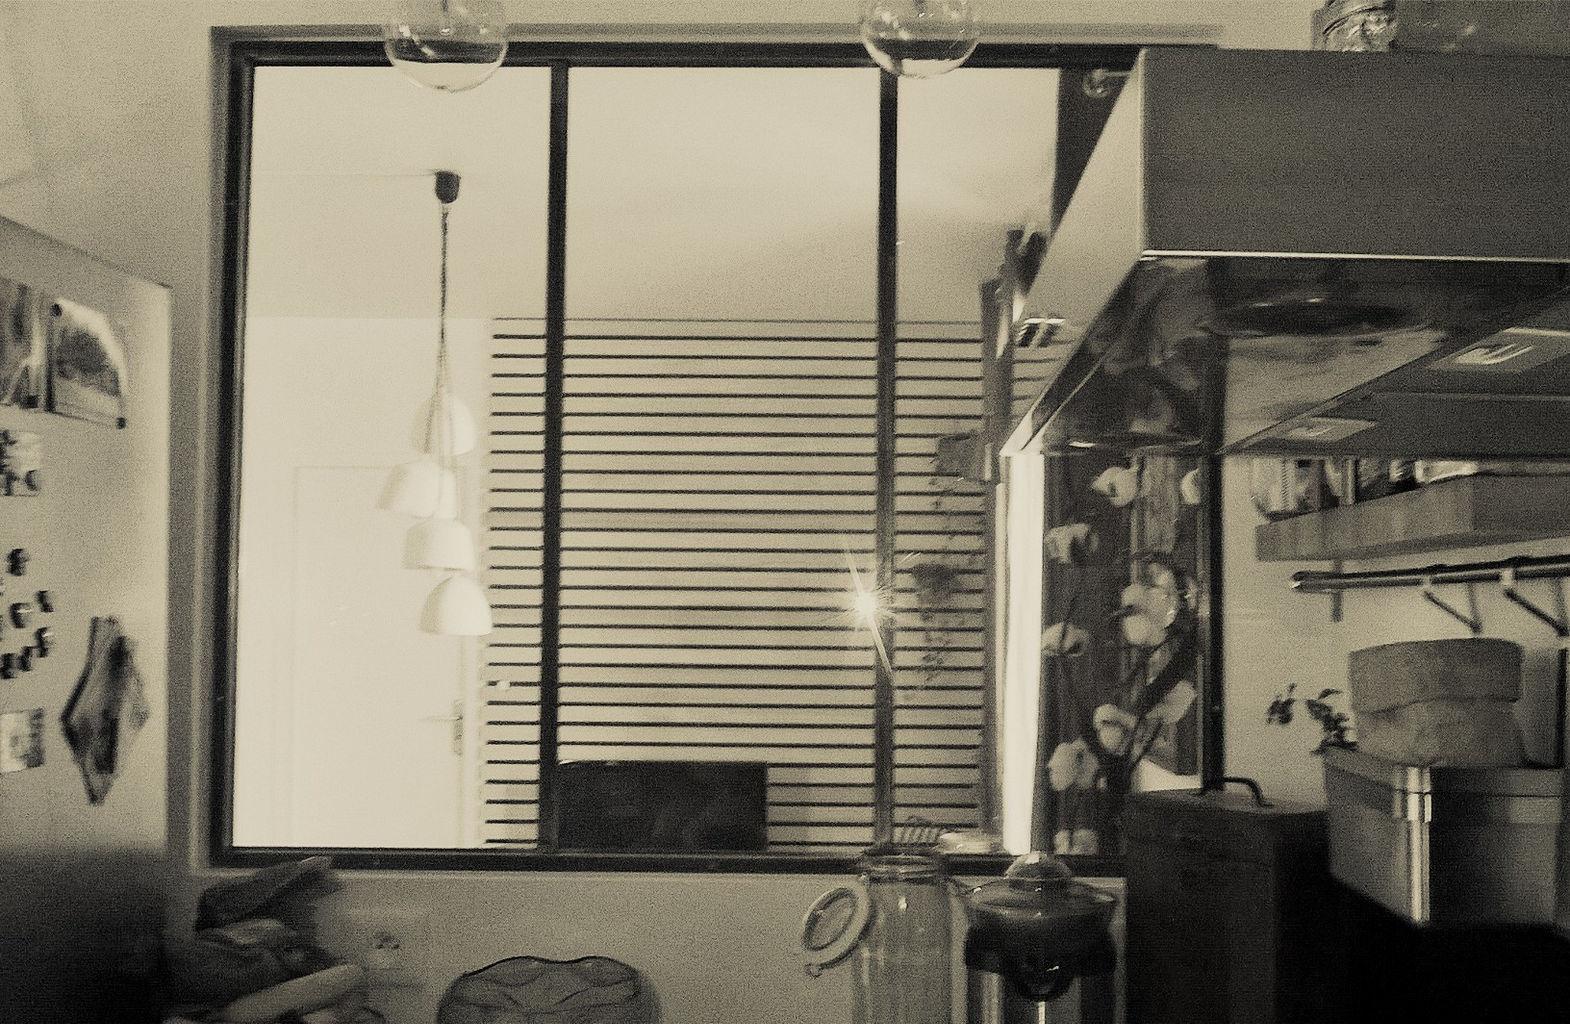 Sens intérieur décoration sébastien muller création mobilier acier ...